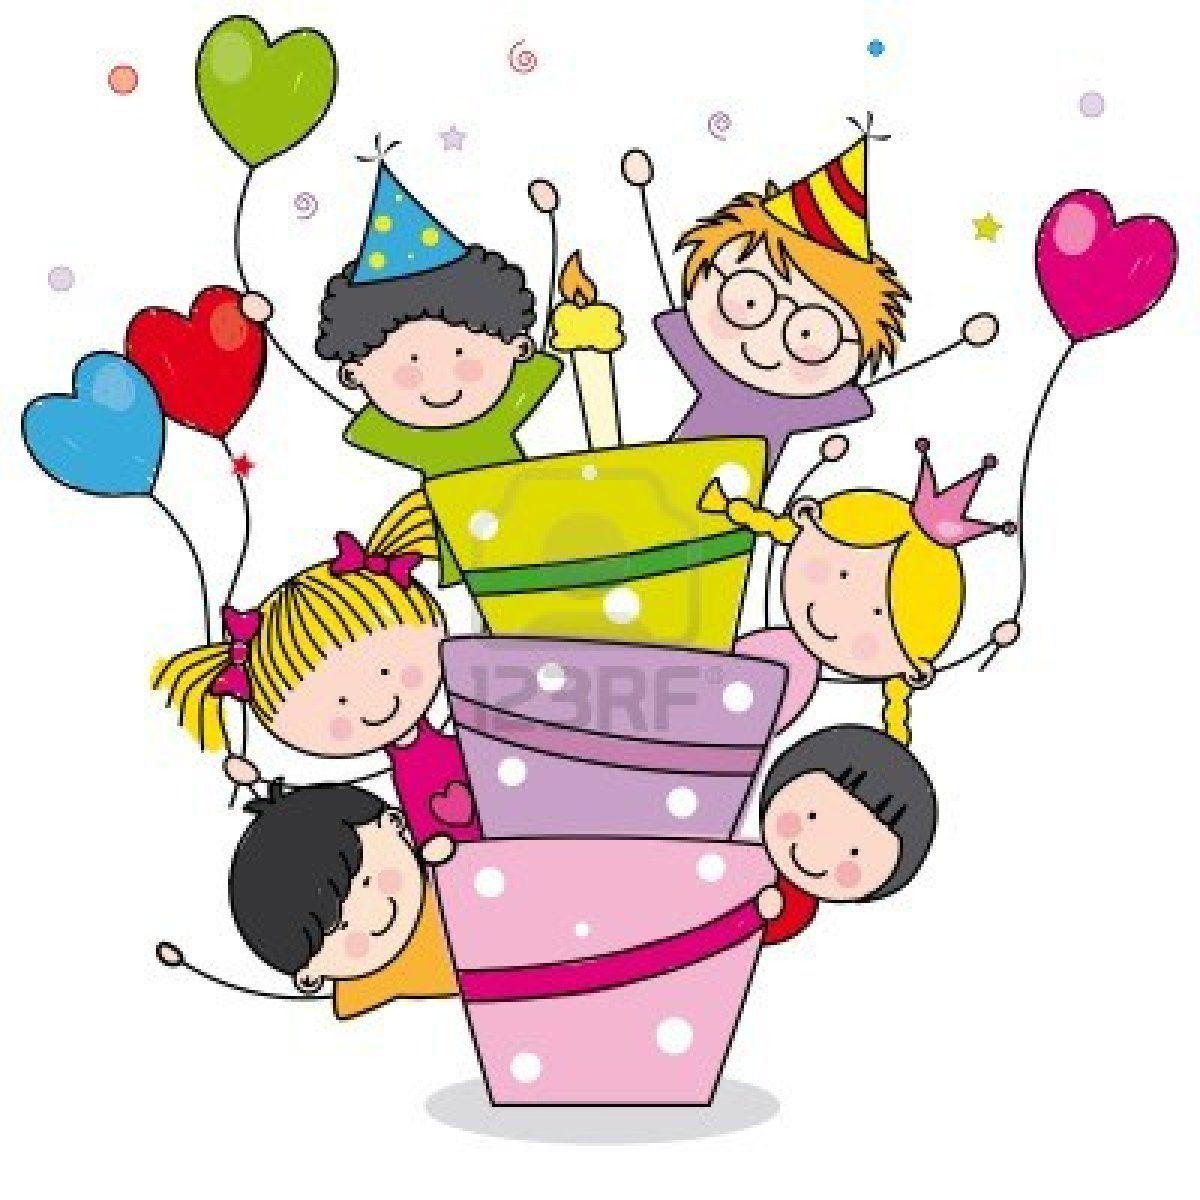 Imagenes de celebrar cumplea os google search - Feliz cumpleanos infantil animado ...